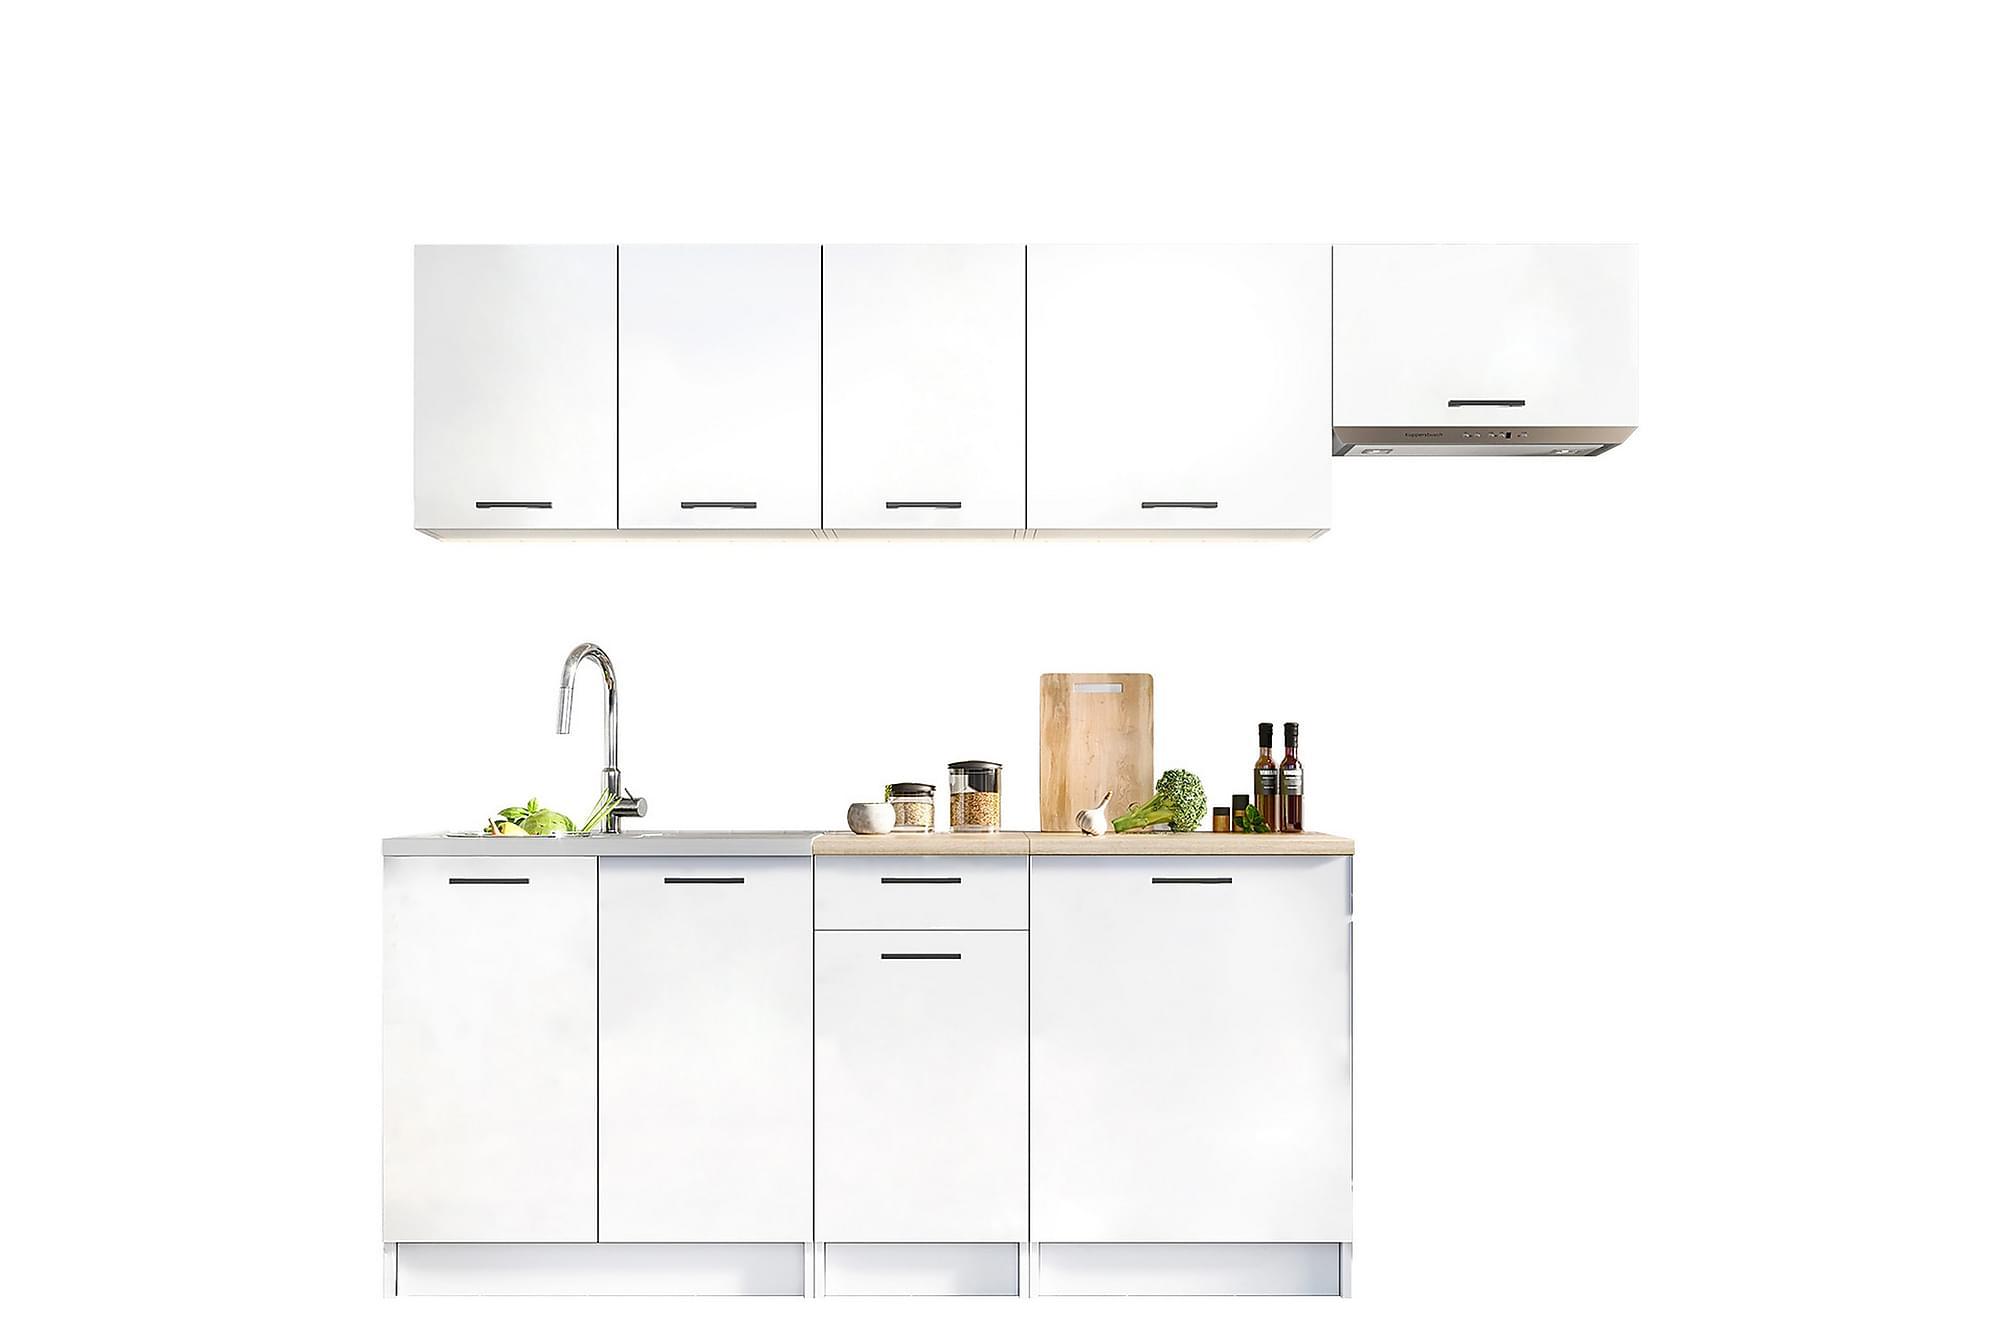 AOUDE Köksmöbelset med Bänksskiva Vit, Möbelset för kök & matplats